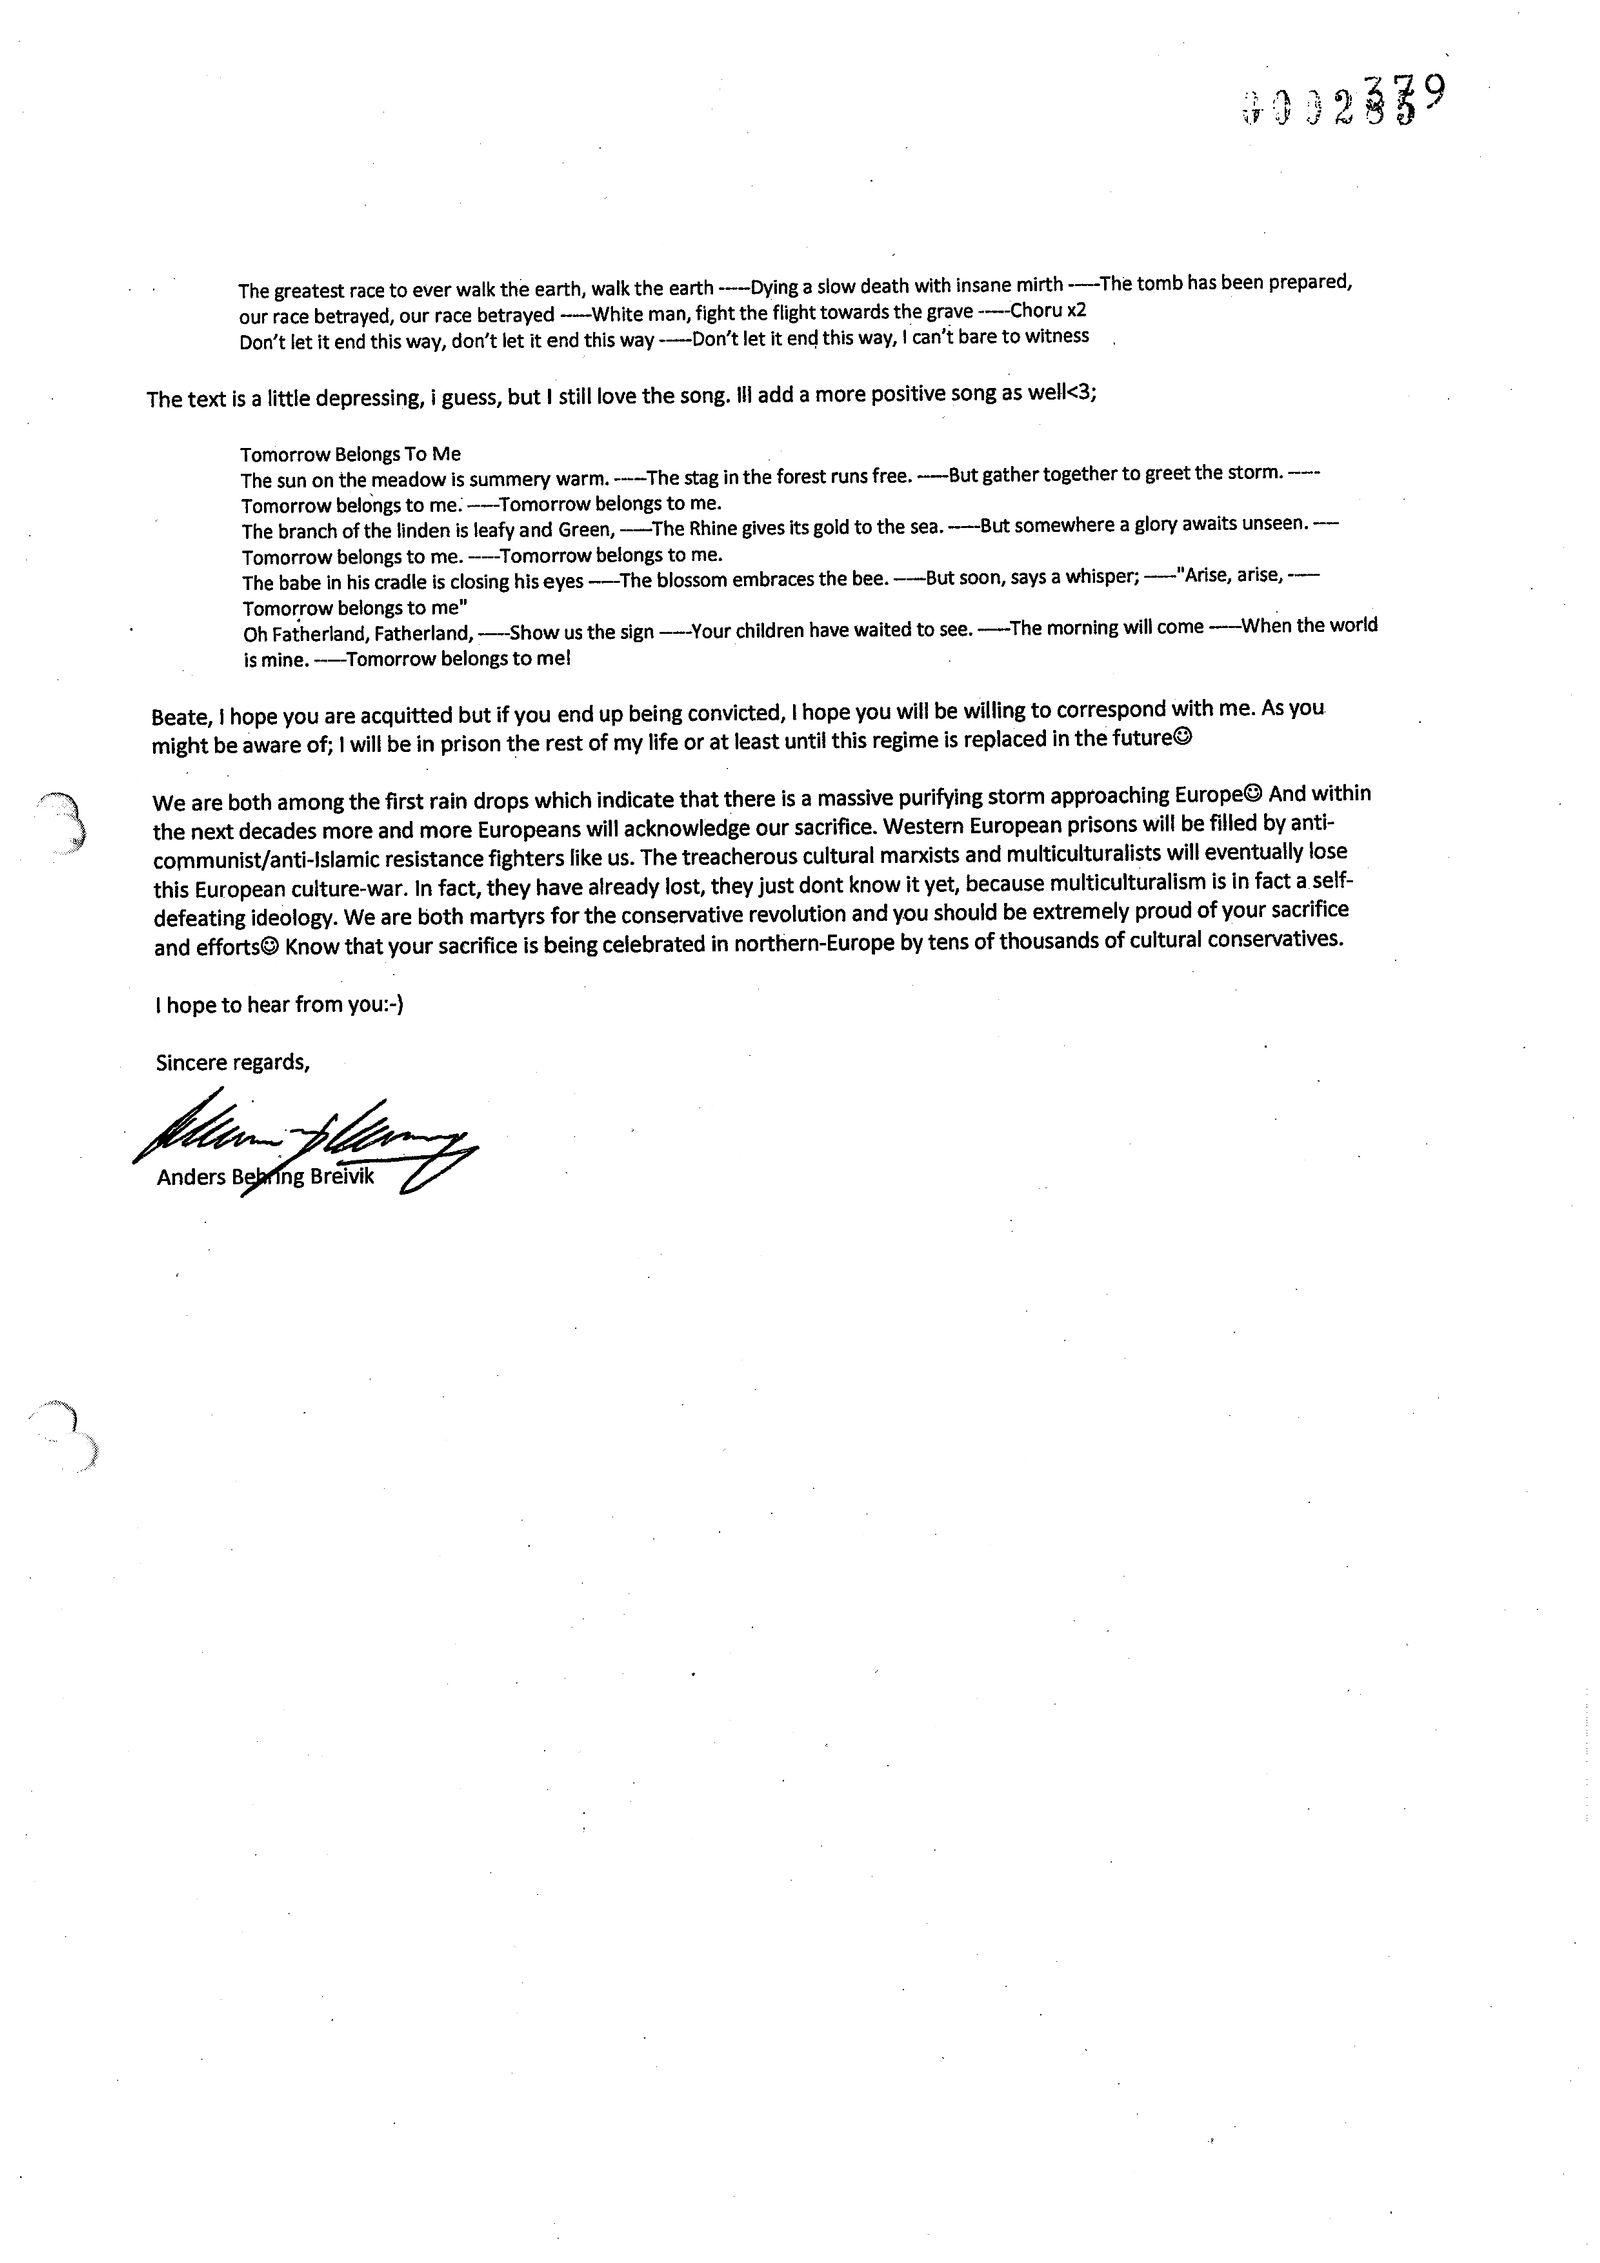 EINMALIGE VERWENDUNG DER SPIEGEL 47/2012 S. 40 Breivik-Brief an Beate Zschäpe